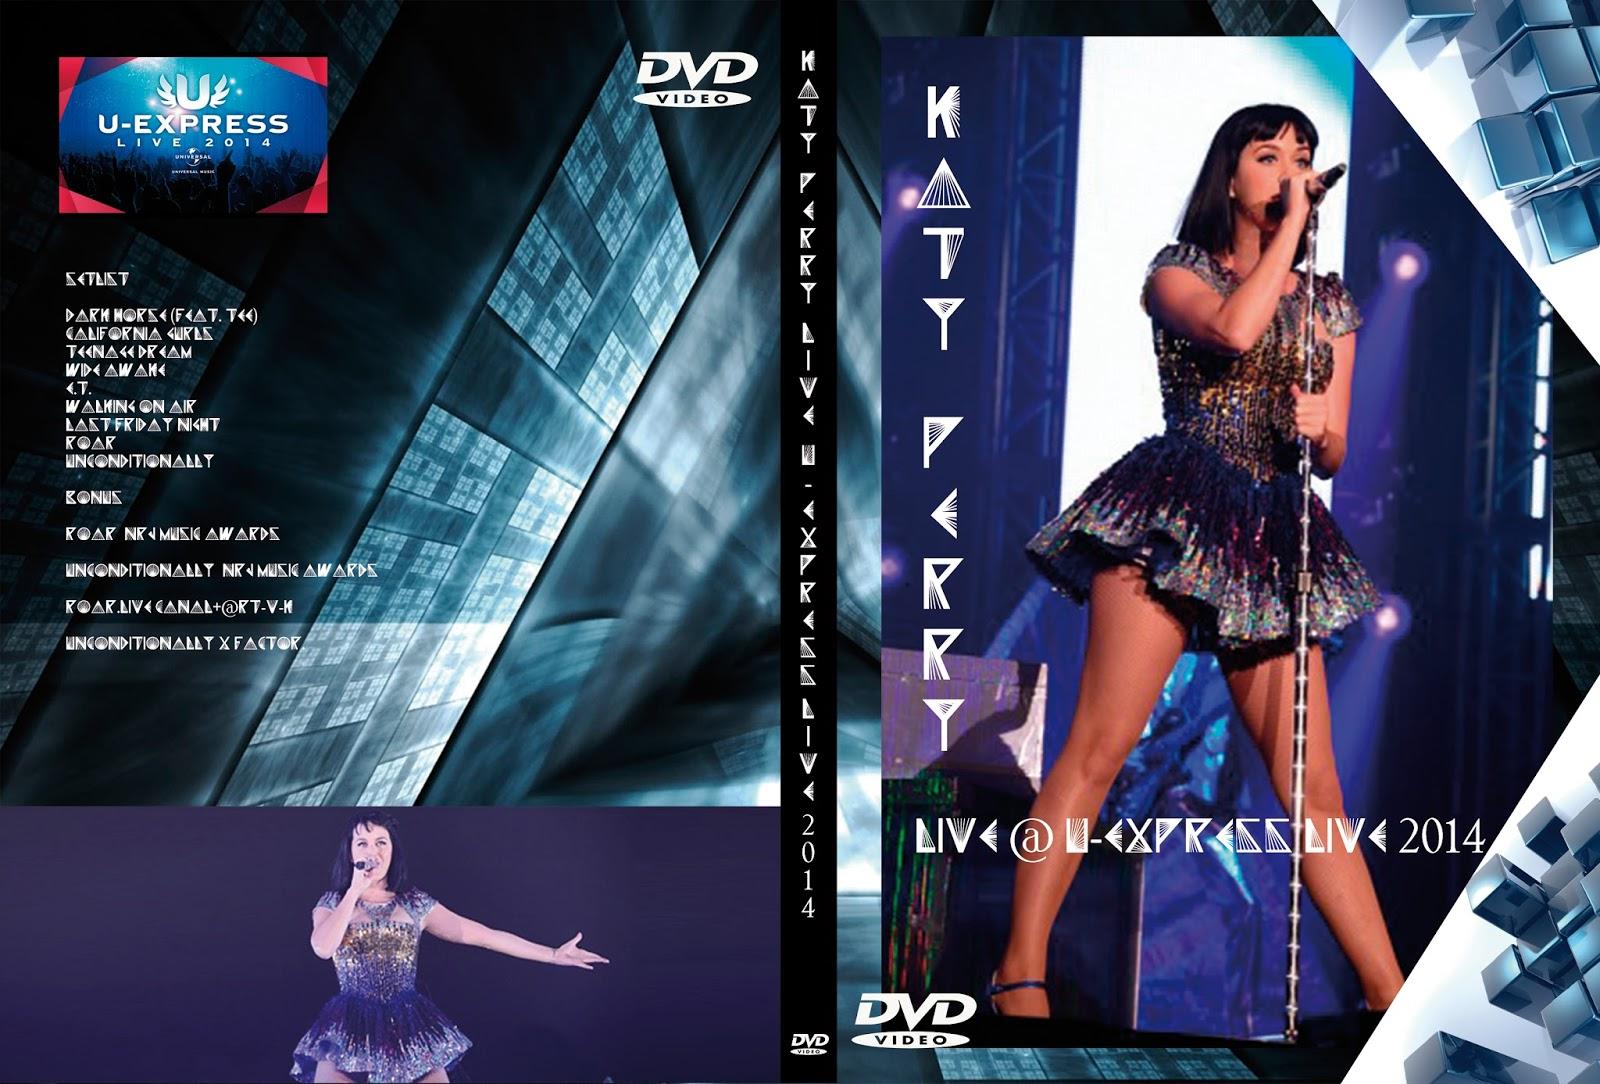 Katy perry interpretación en vivo de i kissed a girl 1